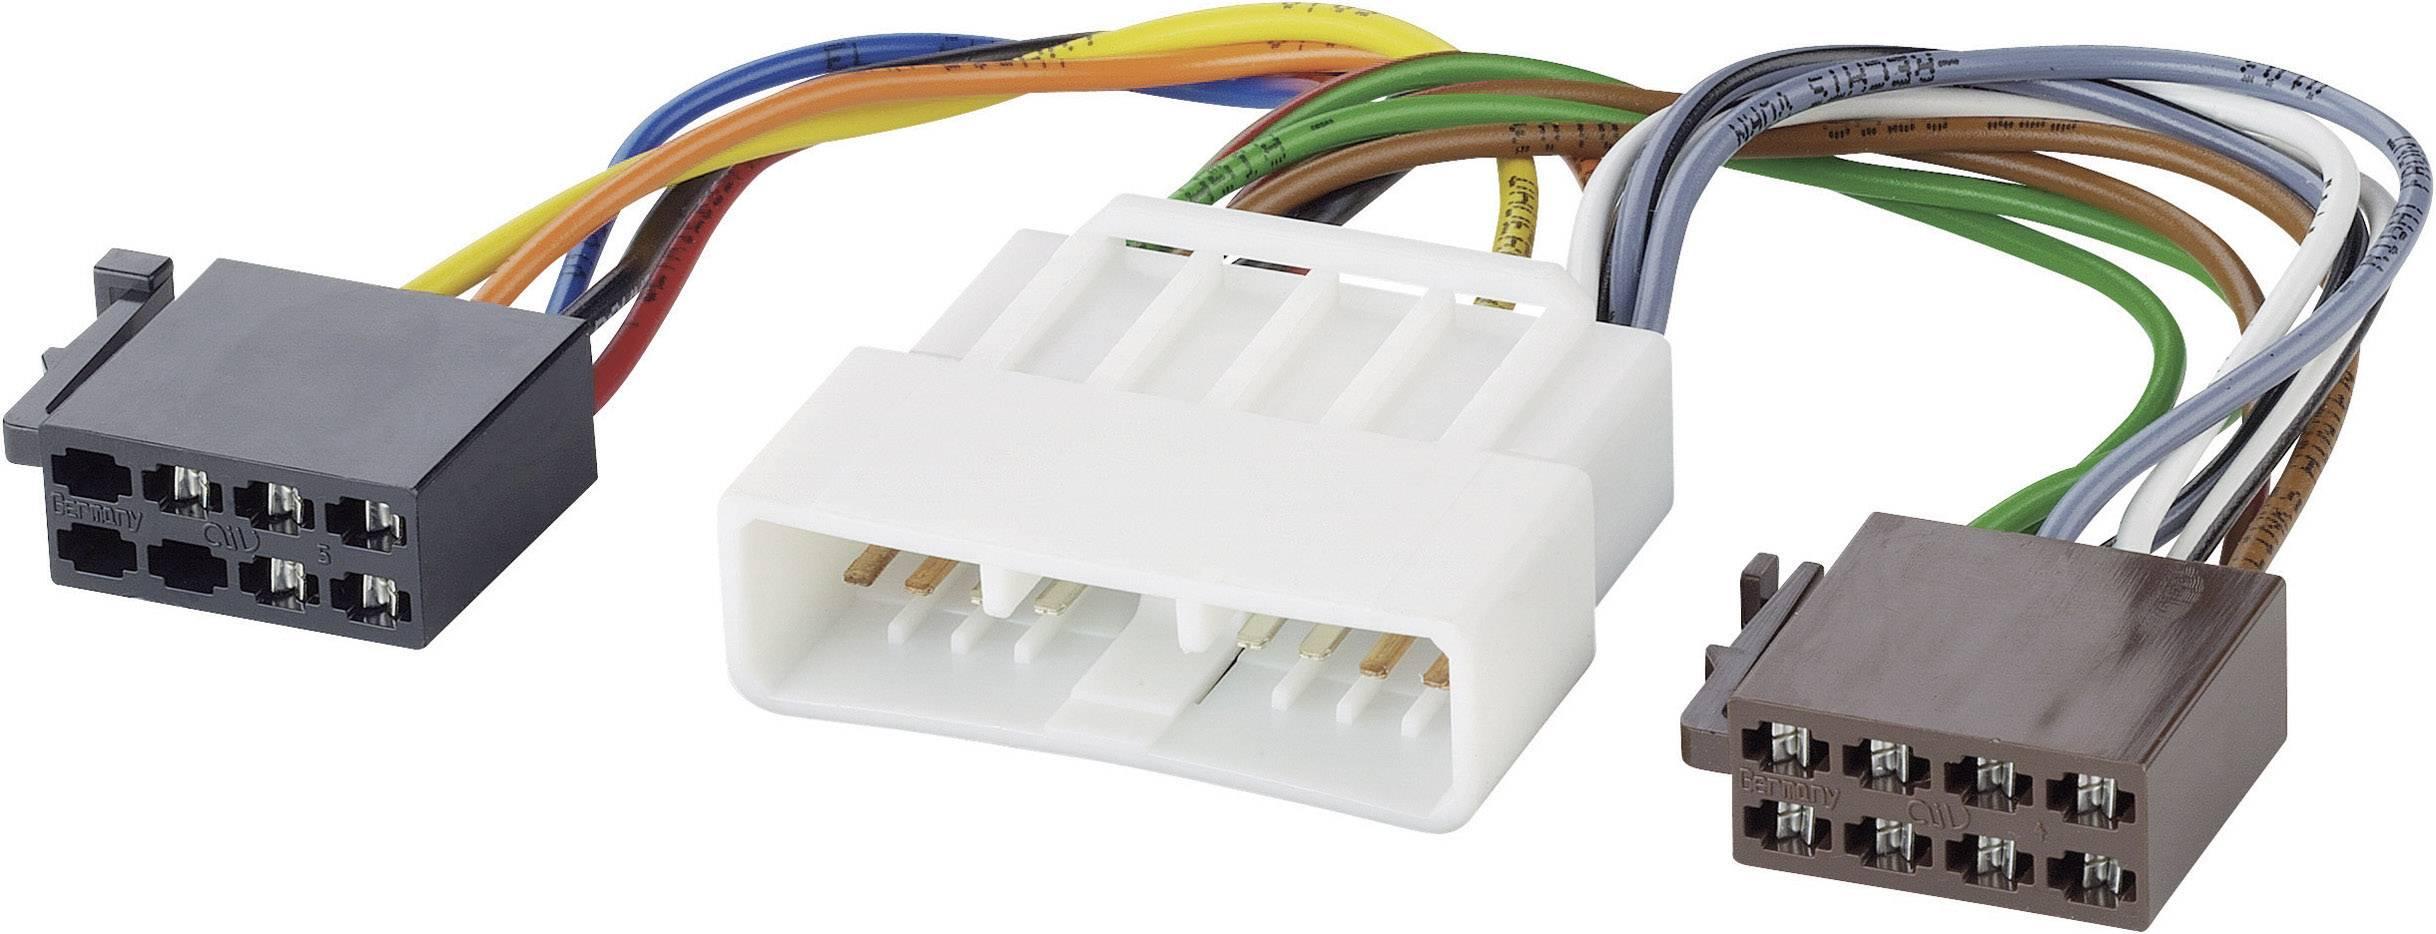 ISO adaptérový kábel pre autorádio AIV 41C843 vhodné pre autá Honda